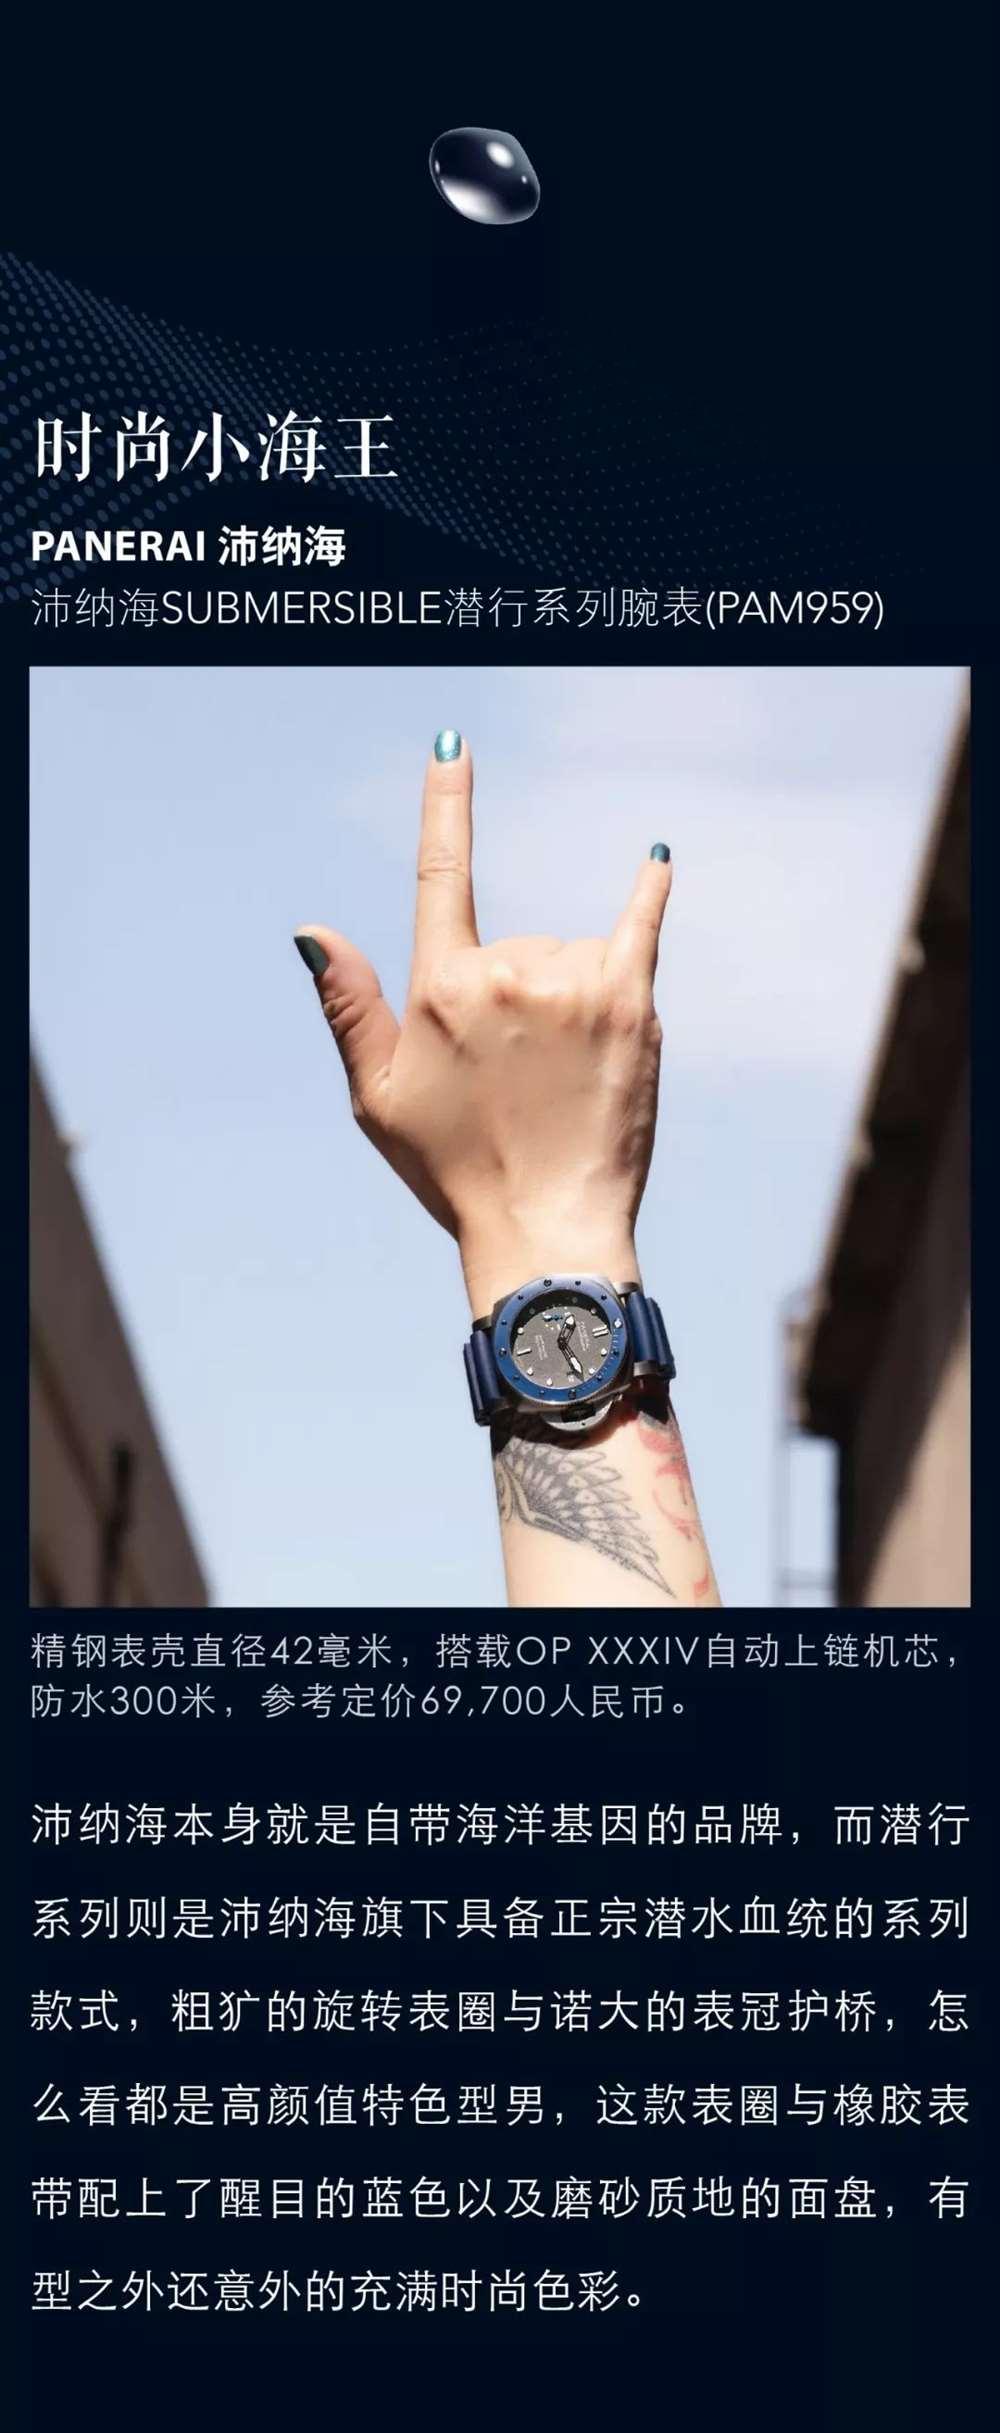 VS厂沛纳海PAM959「时尚小海王」林心如明星同款沛纳海959